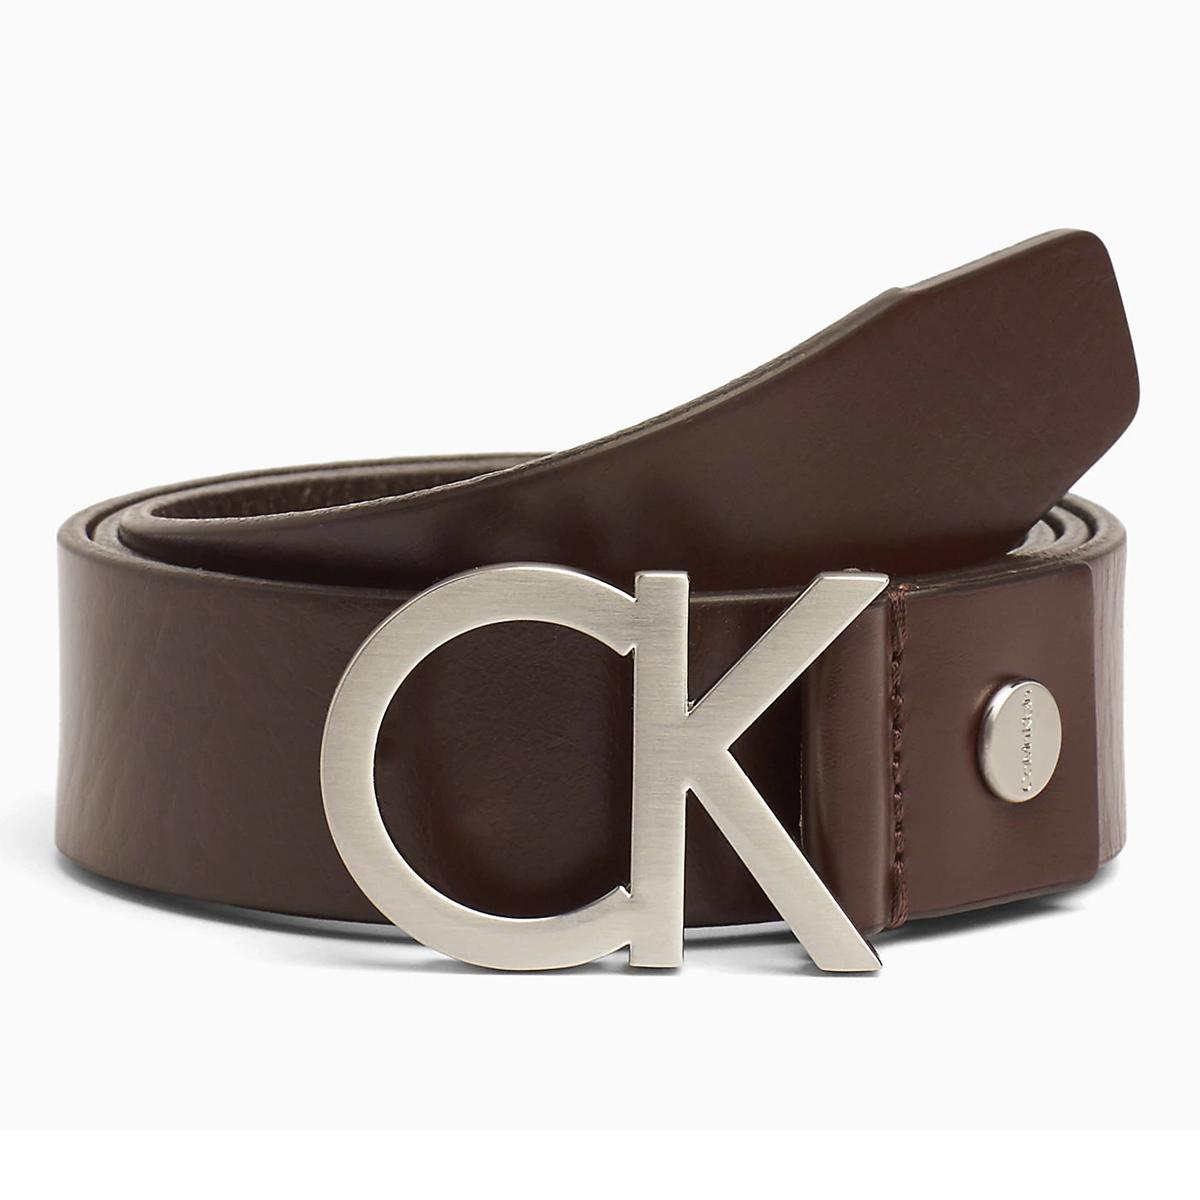 カルバンクライン Calvin Klein CK K50K502119 201 ベルト メンズ ブラウン